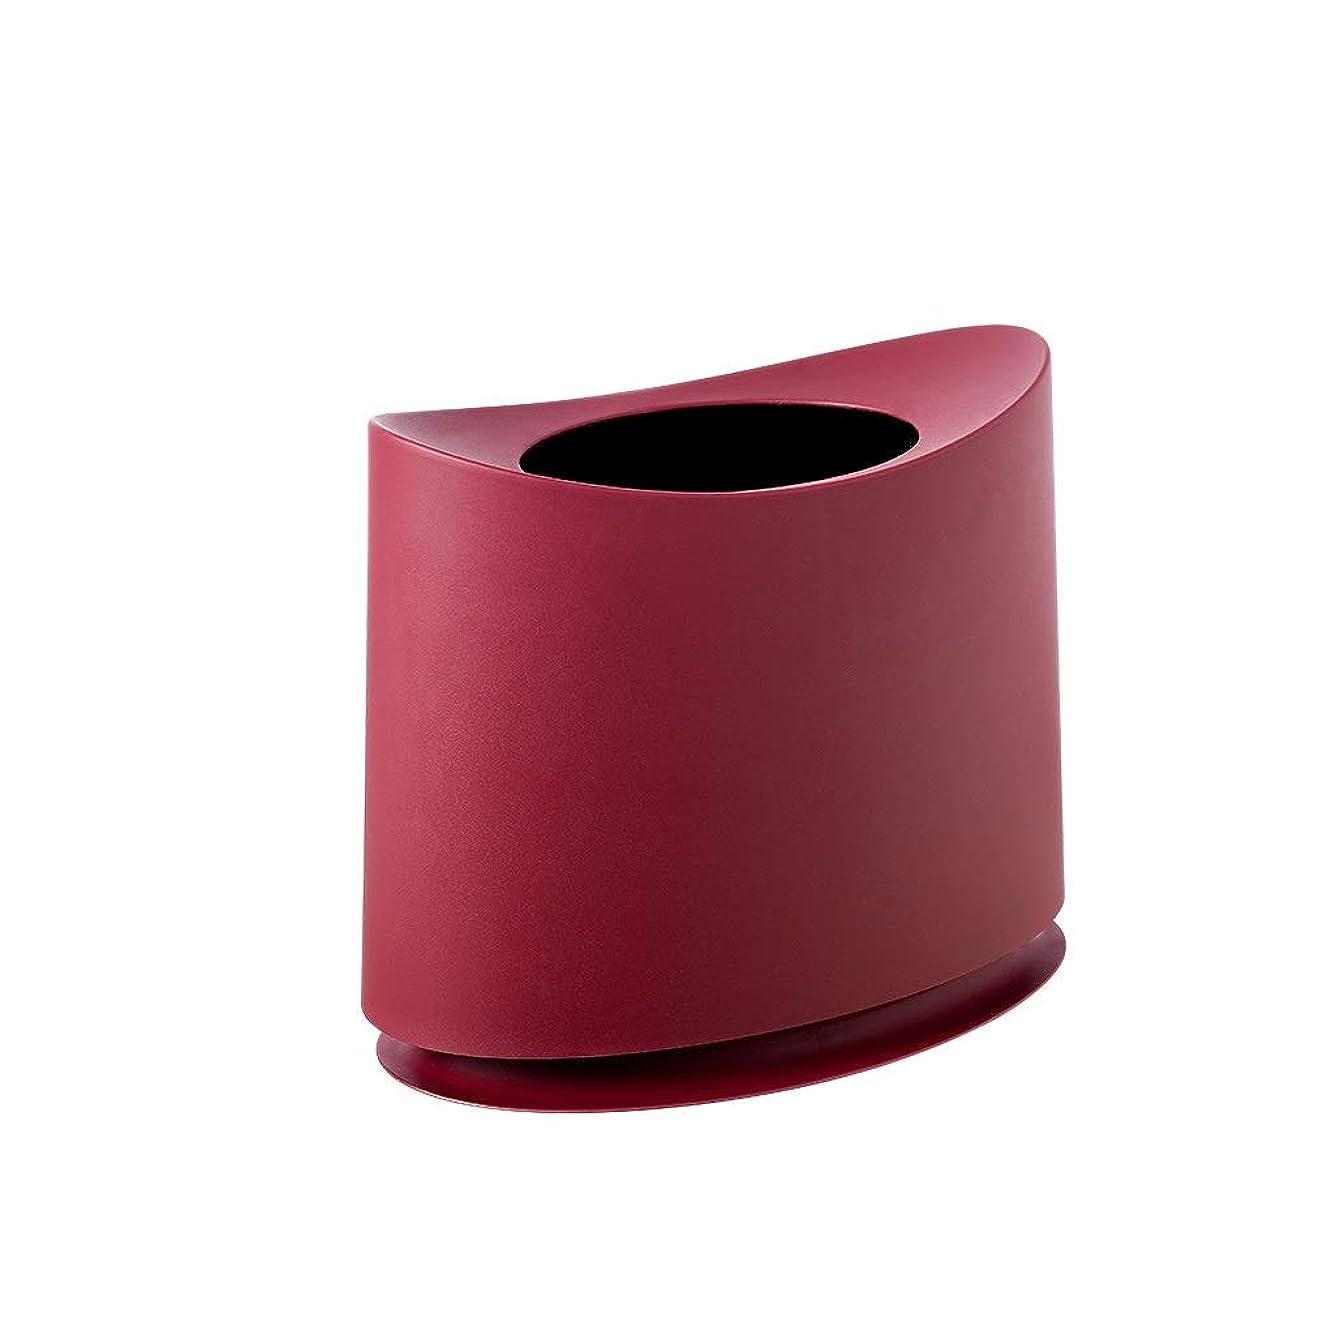 現実にはちょうつがい要件フタ付きゴミ箱 バスルームのゴミ箱シンプルなカバー北欧クリエイティブトイレリビングルームかわいい寝室シンプルな紙の家 (Color : Red, Size : 10l)